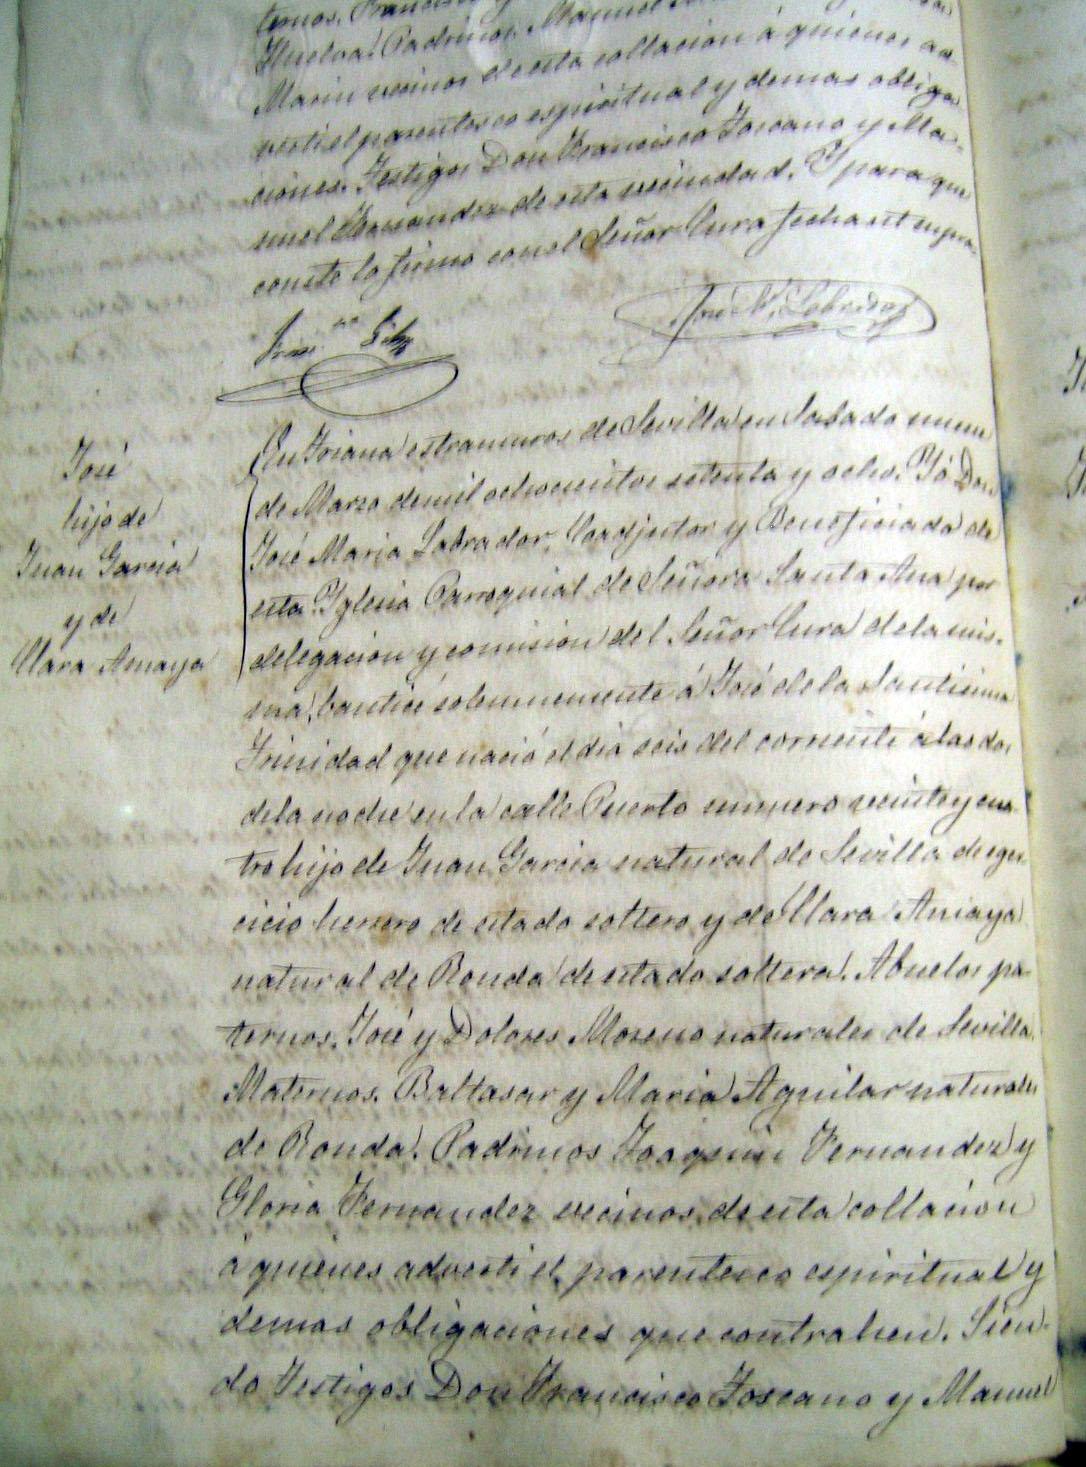 Nacimiento hijo de Juan el Pelao. Archivo Manuel Bohórquez.